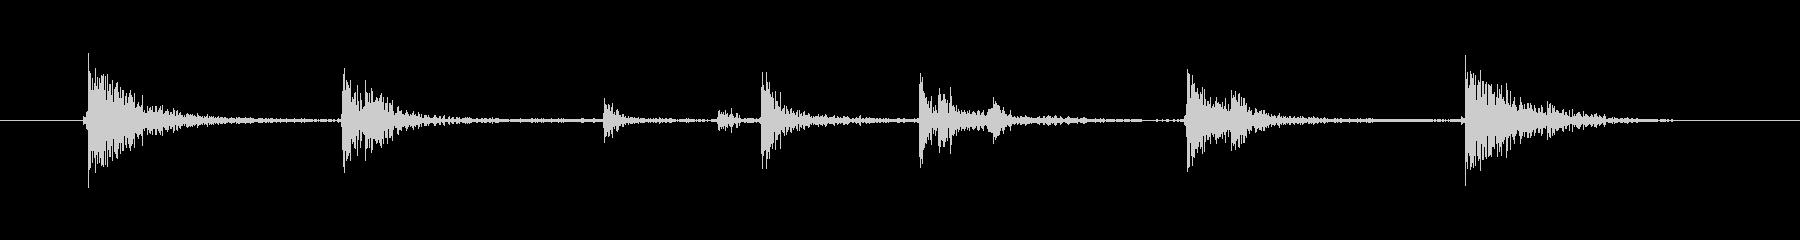 落とす音(カタンの未再生の波形